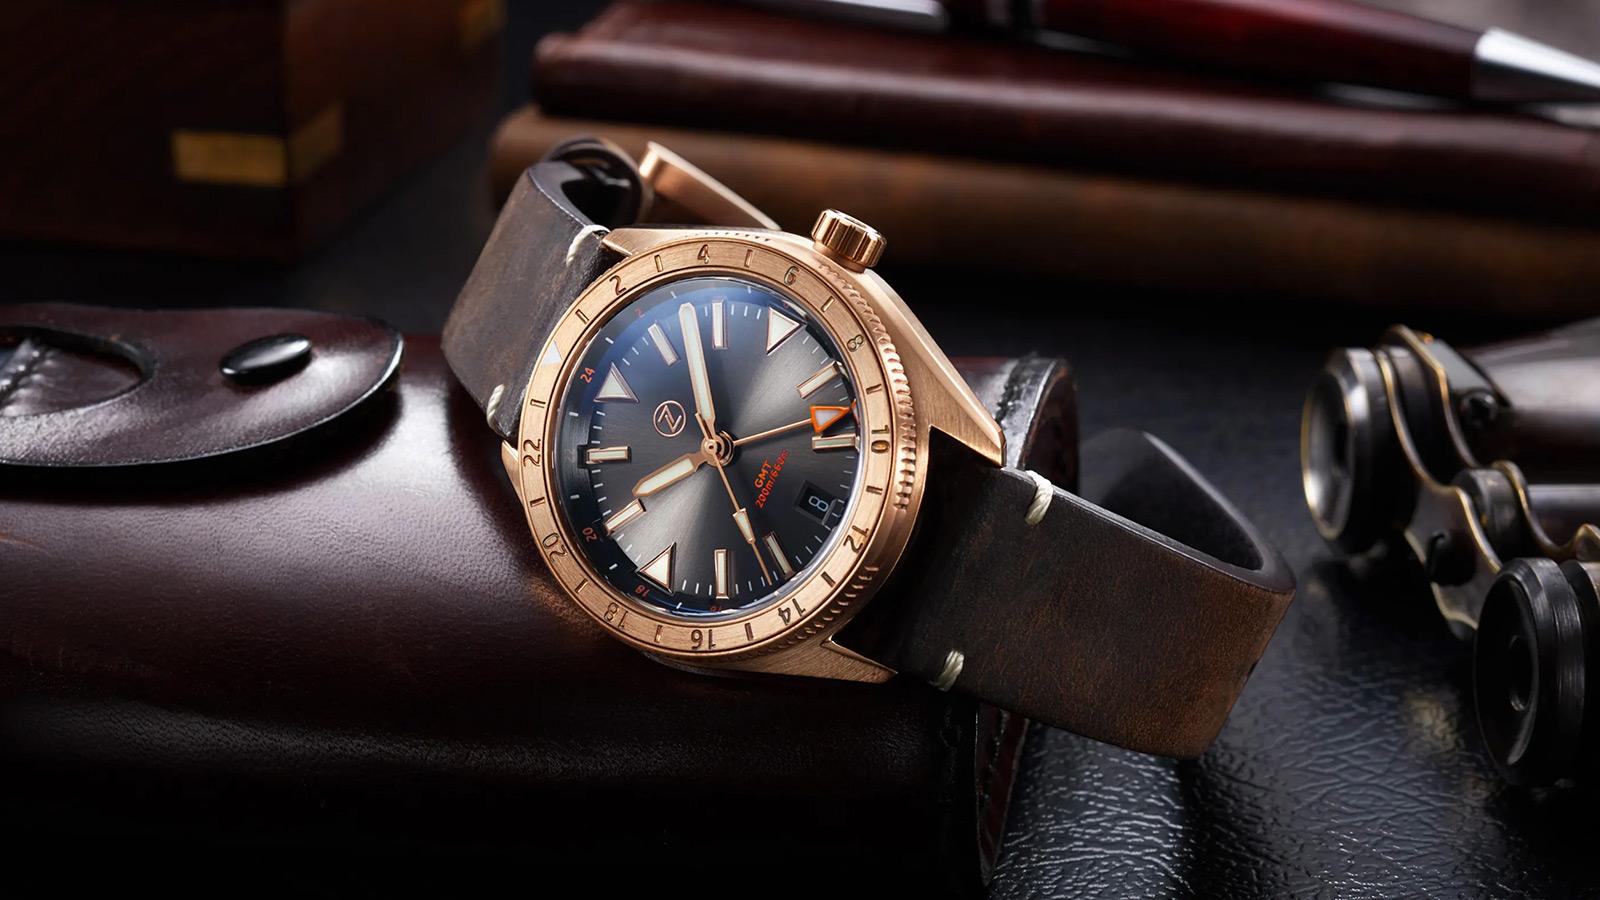 Zelos Horizons GMT Watch